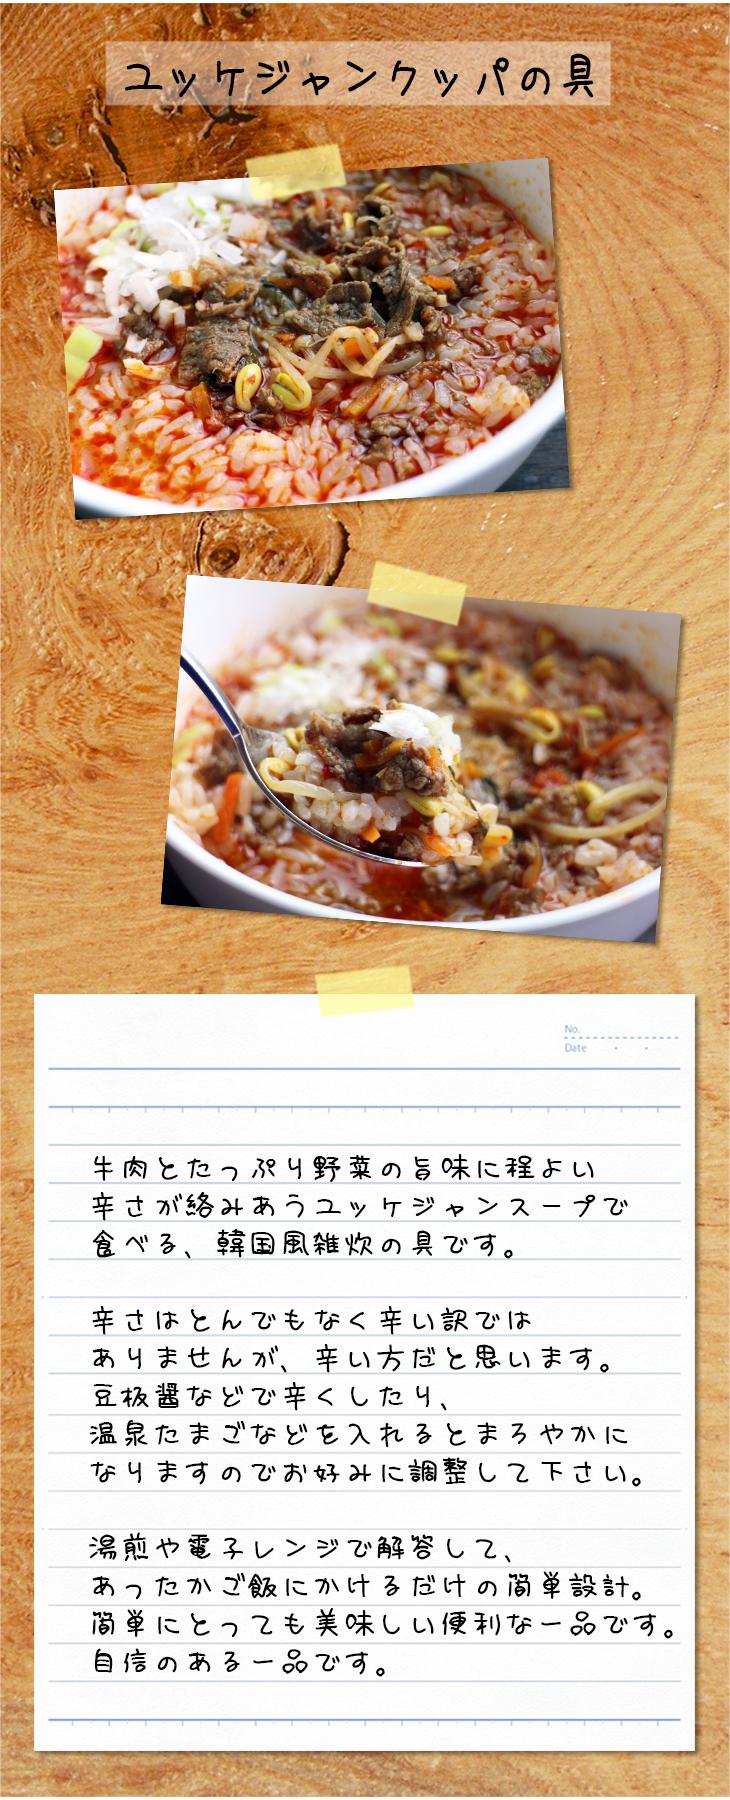 韩国式、辣味、超辣、在家简单地正宗的韩国菜。配料dakusanga好